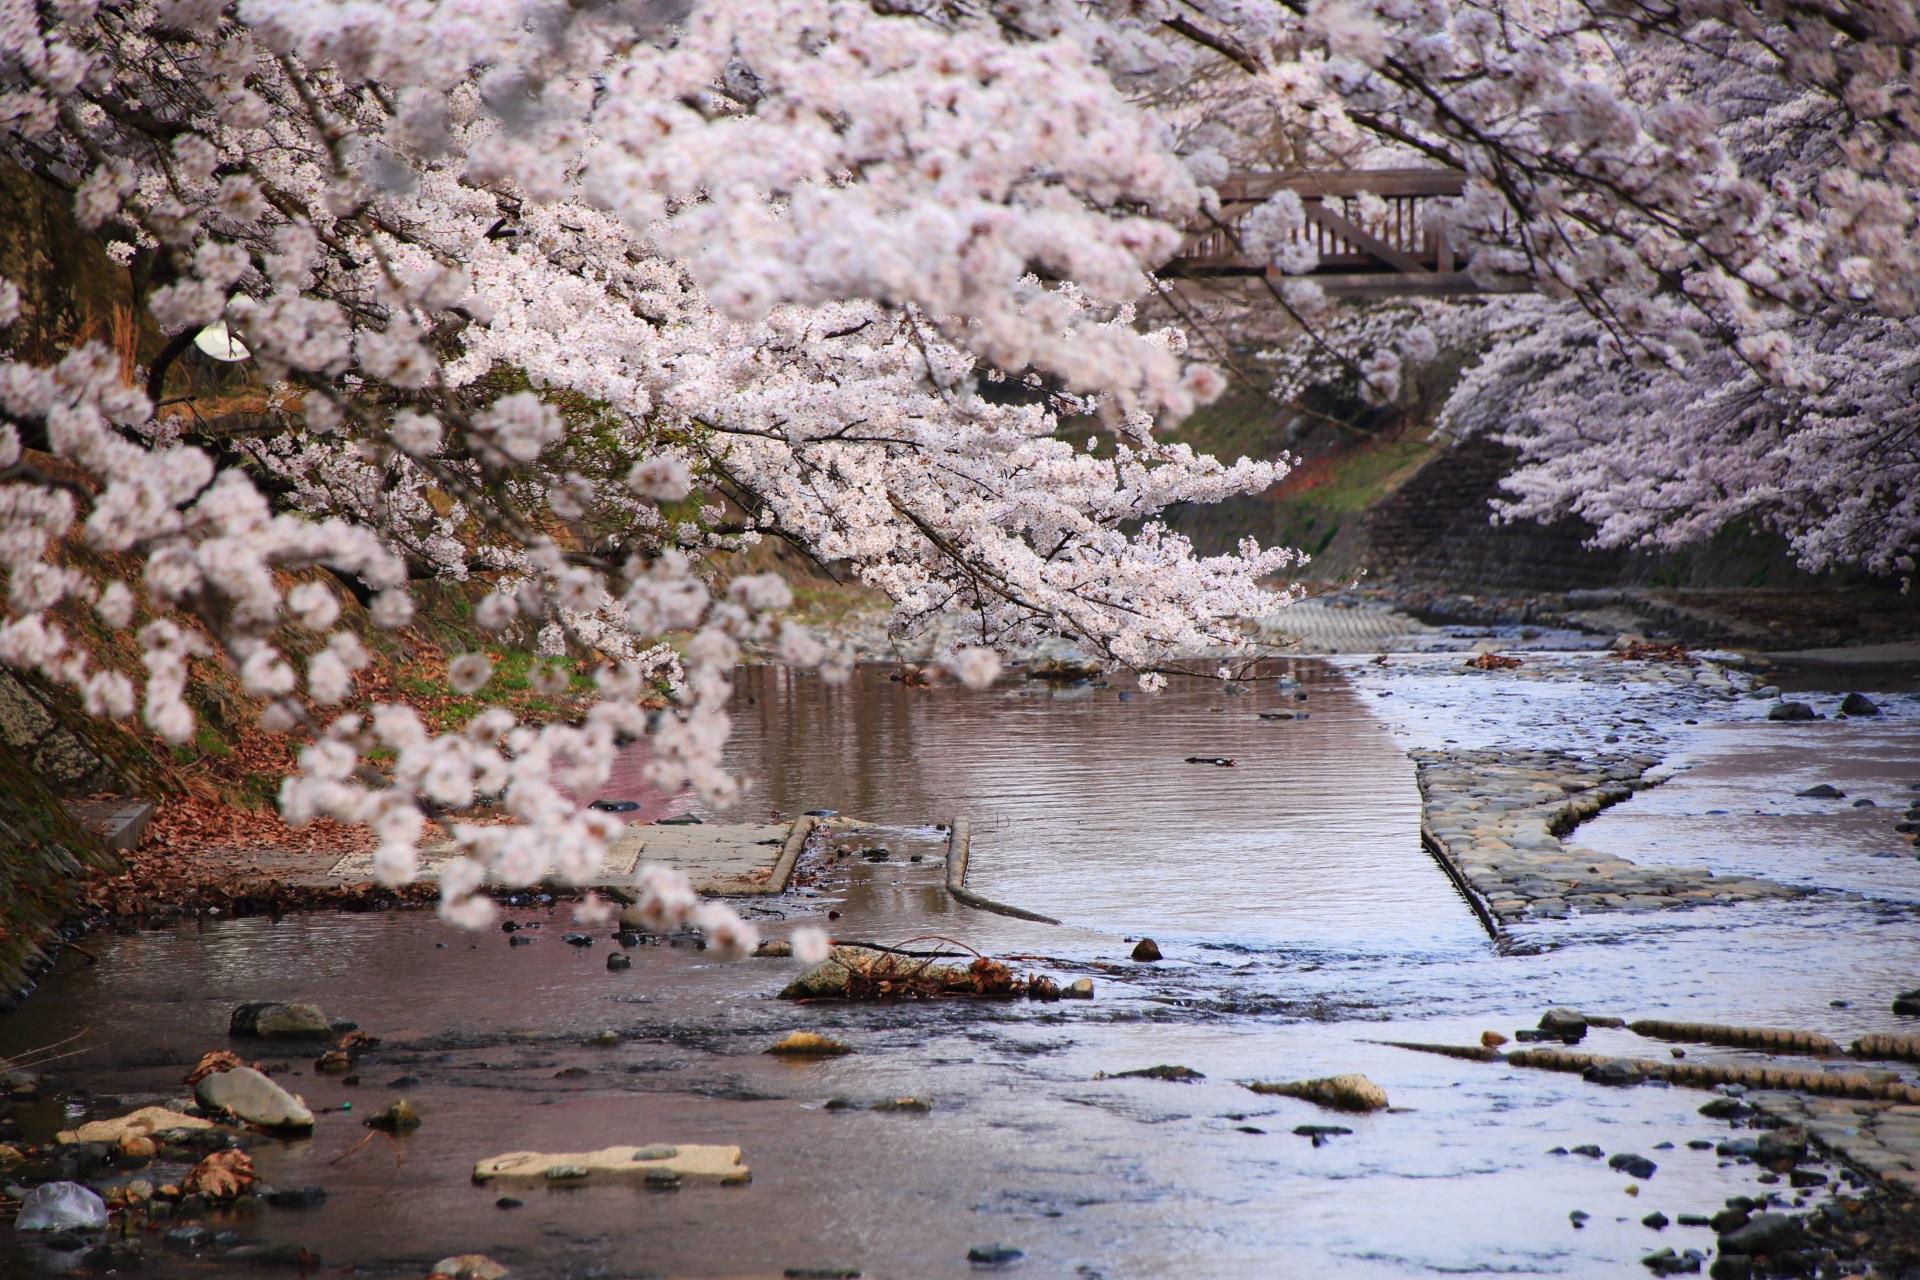 七谷川の長閑な水辺を染める桜